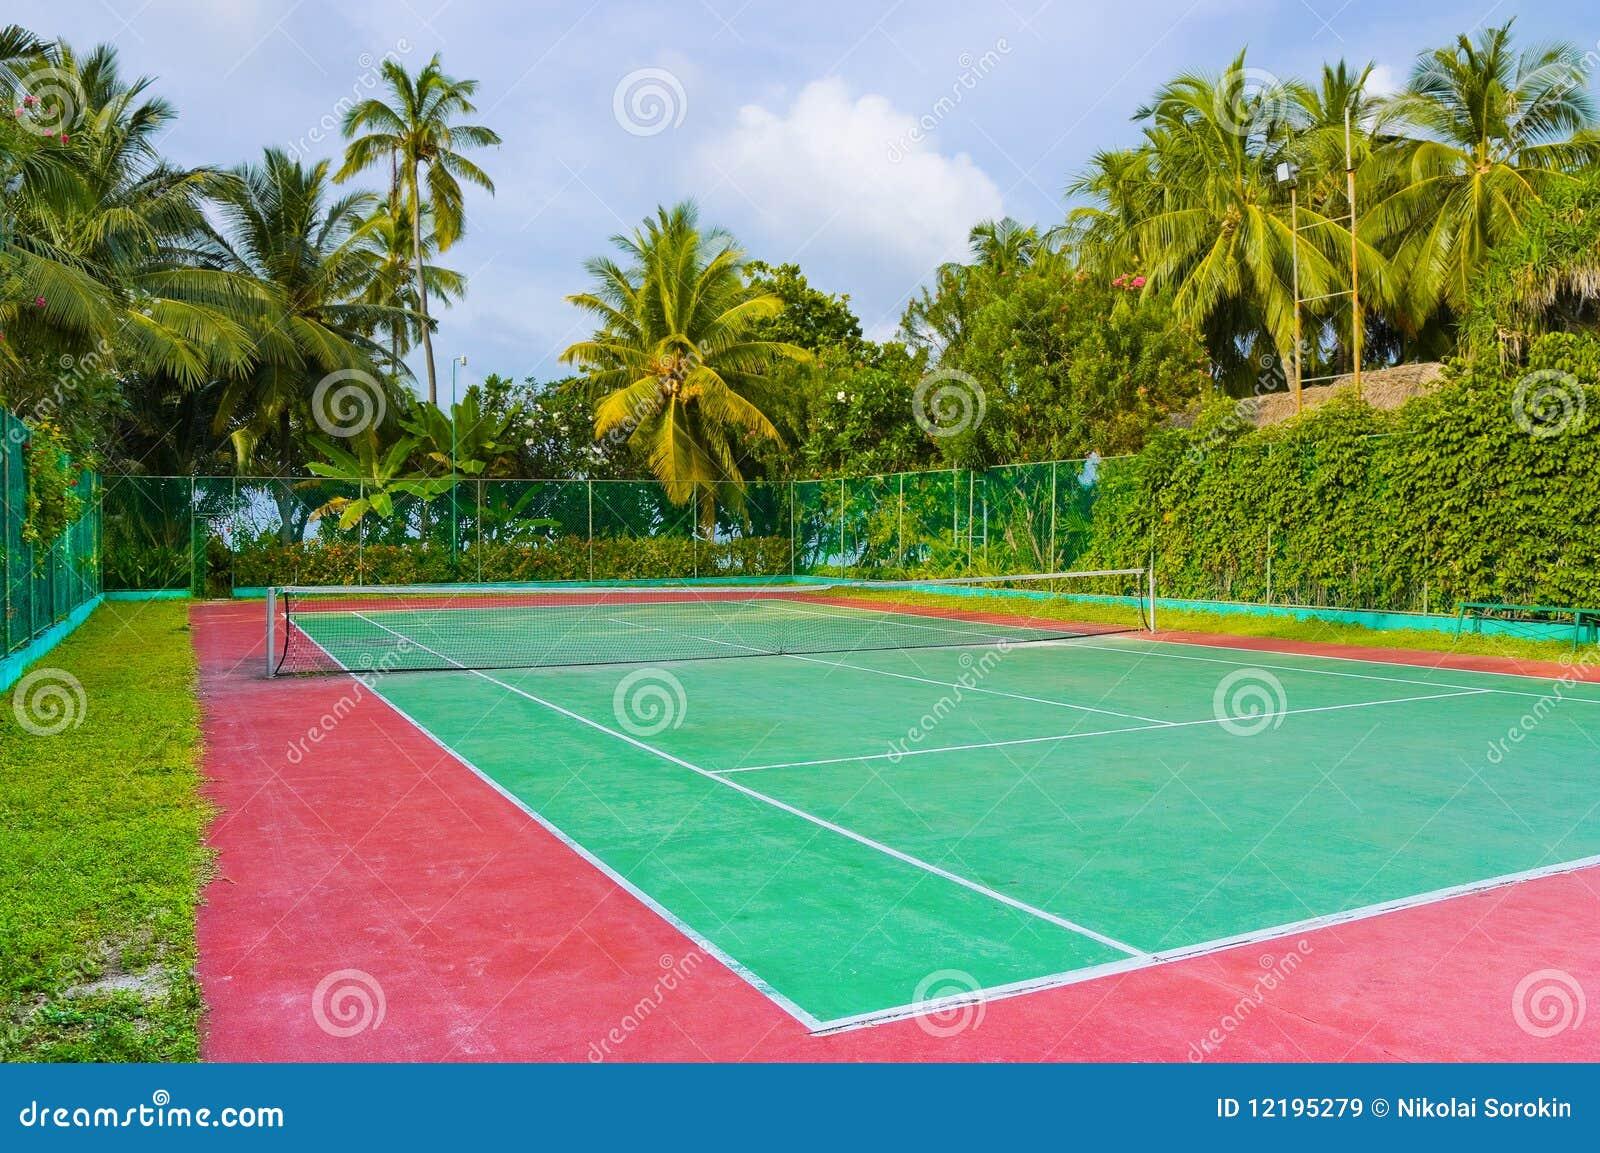 Corte de tênis em um console tropical